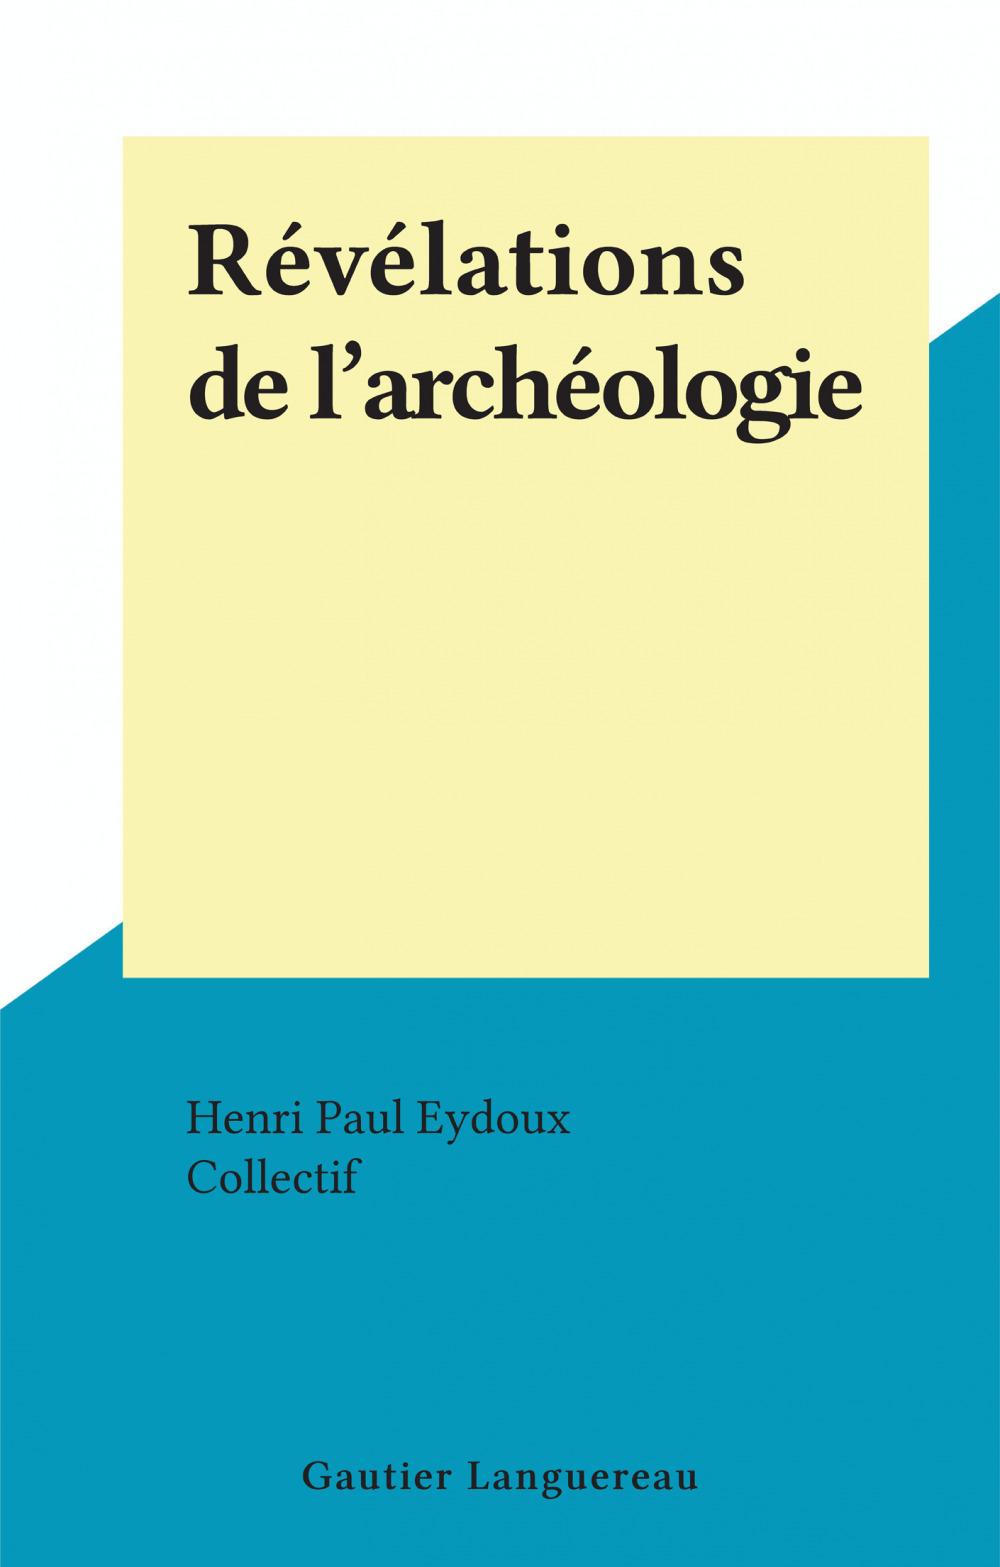 Révélations de l'archéologie  - Henri Paul Eydoux